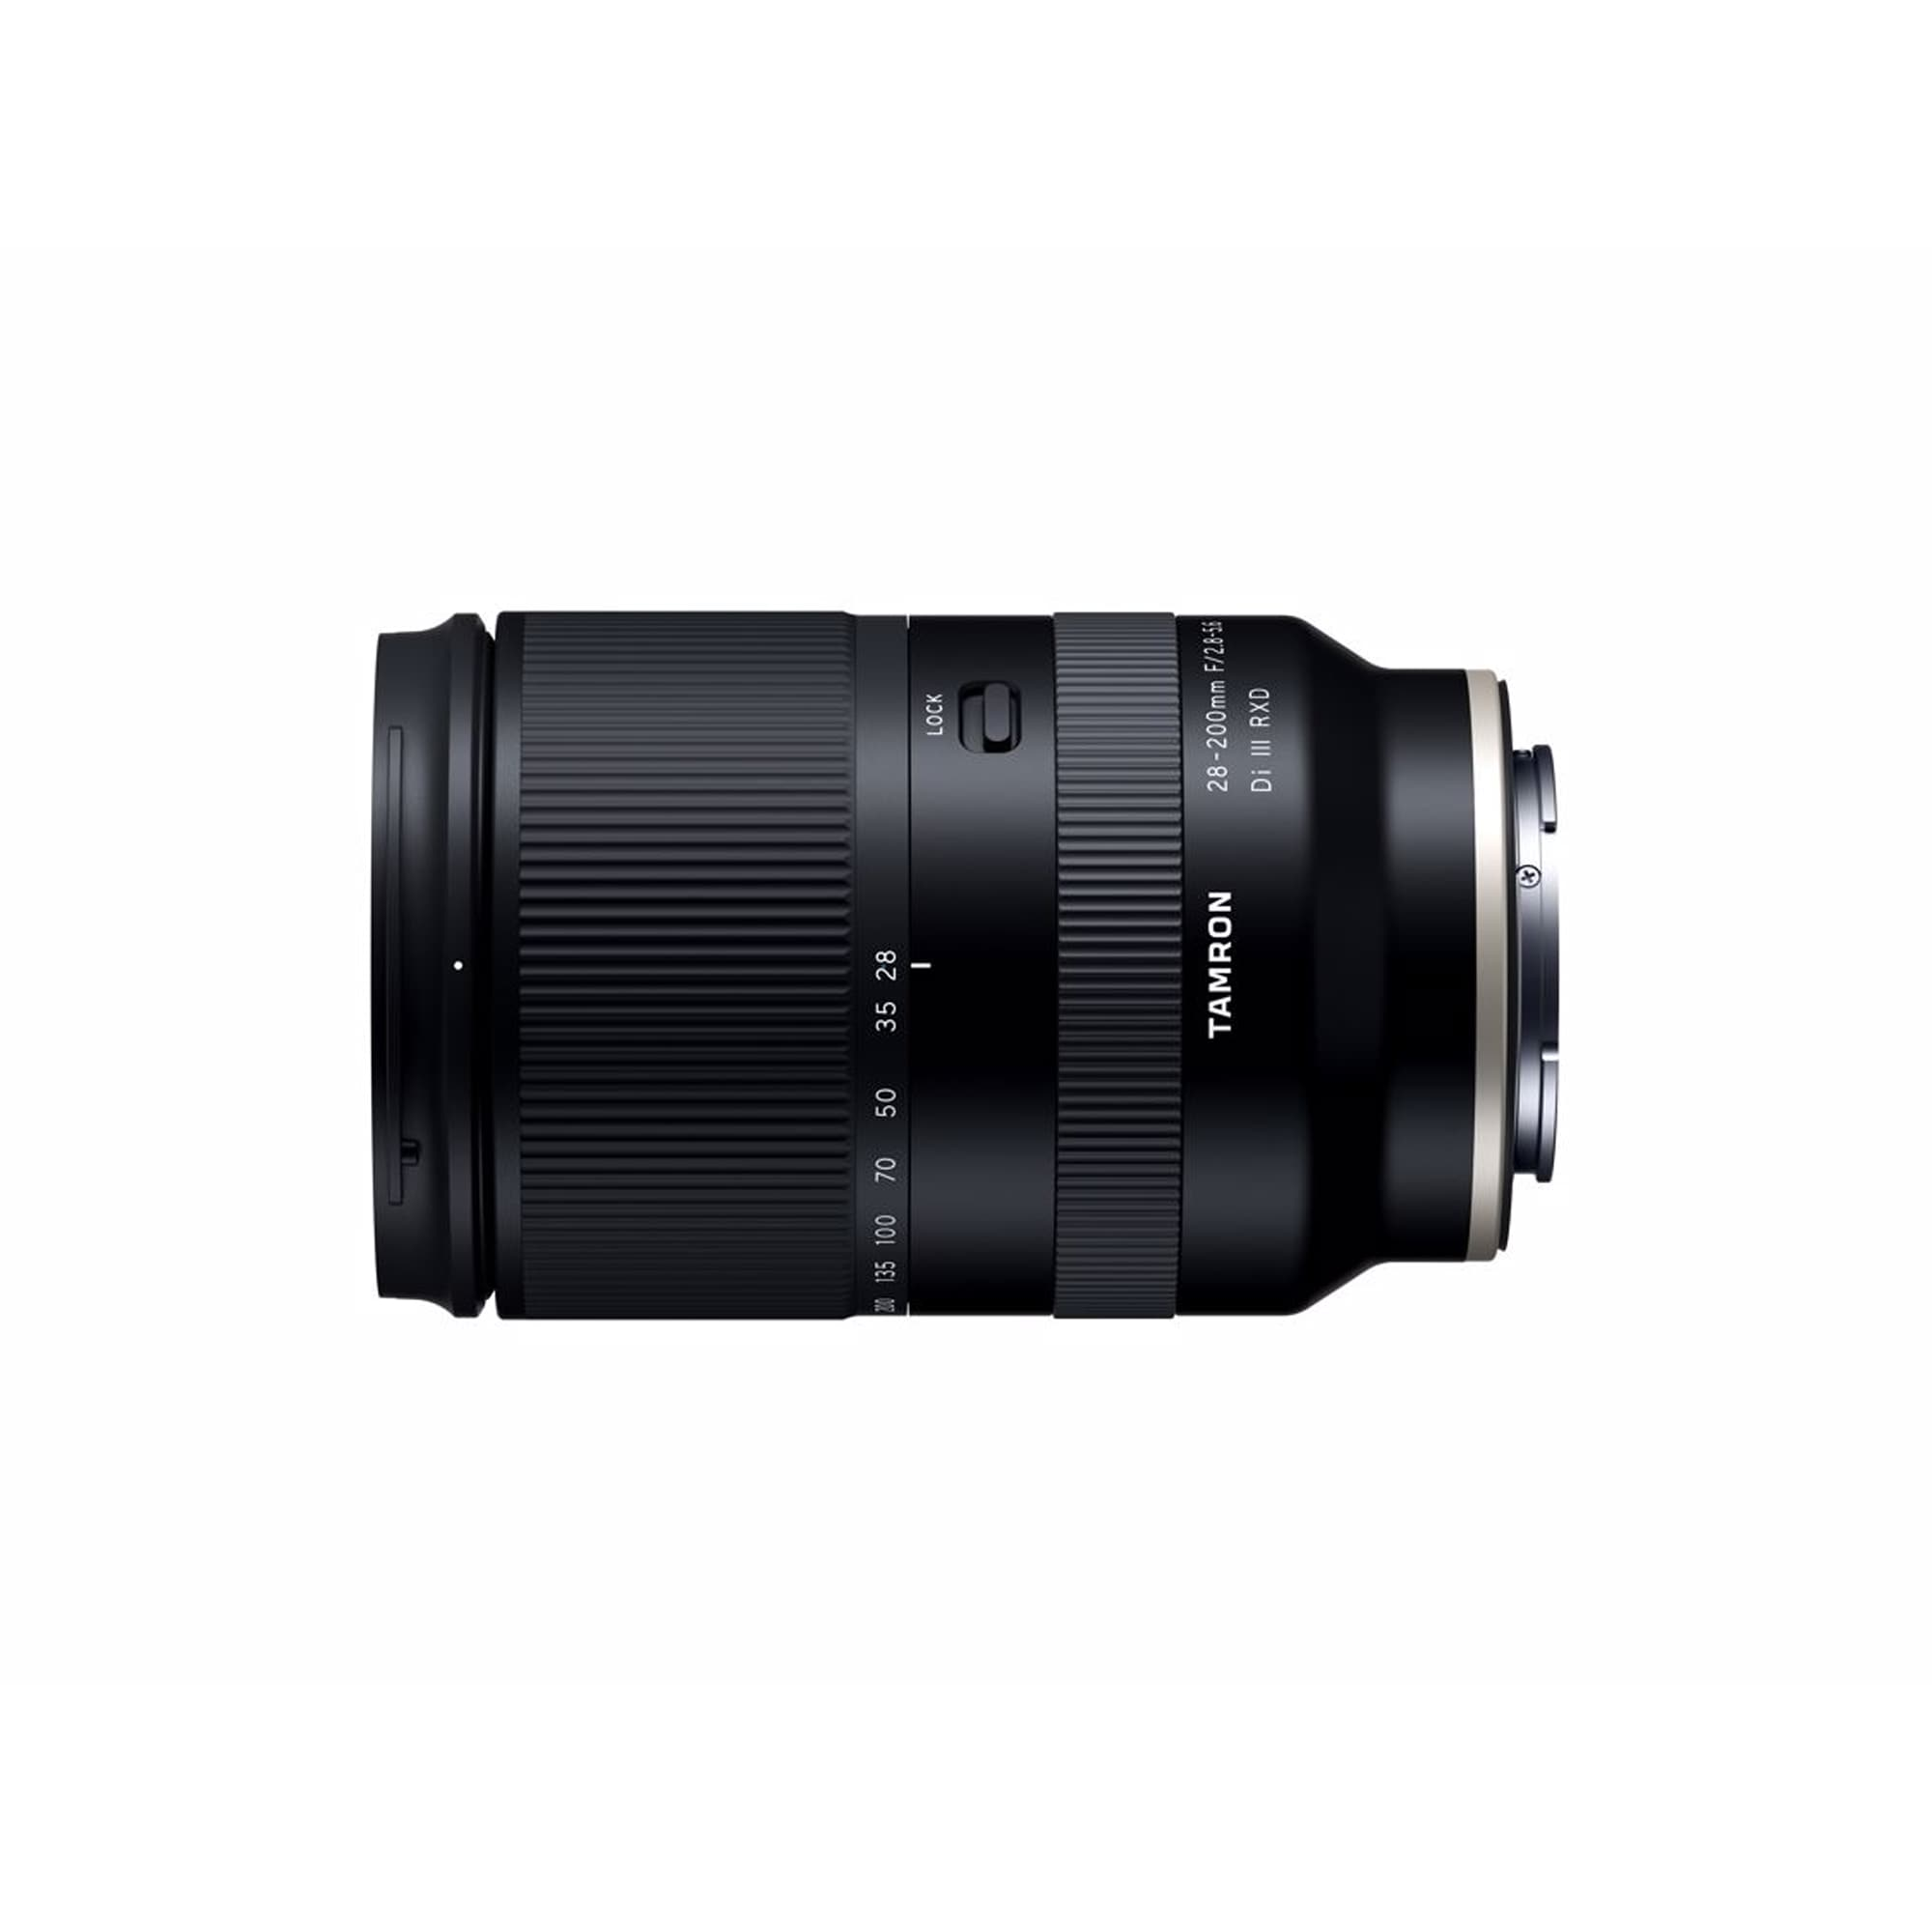 Tamron 28-200MM F/2.8-5.6 DI III RXD - Sony FE